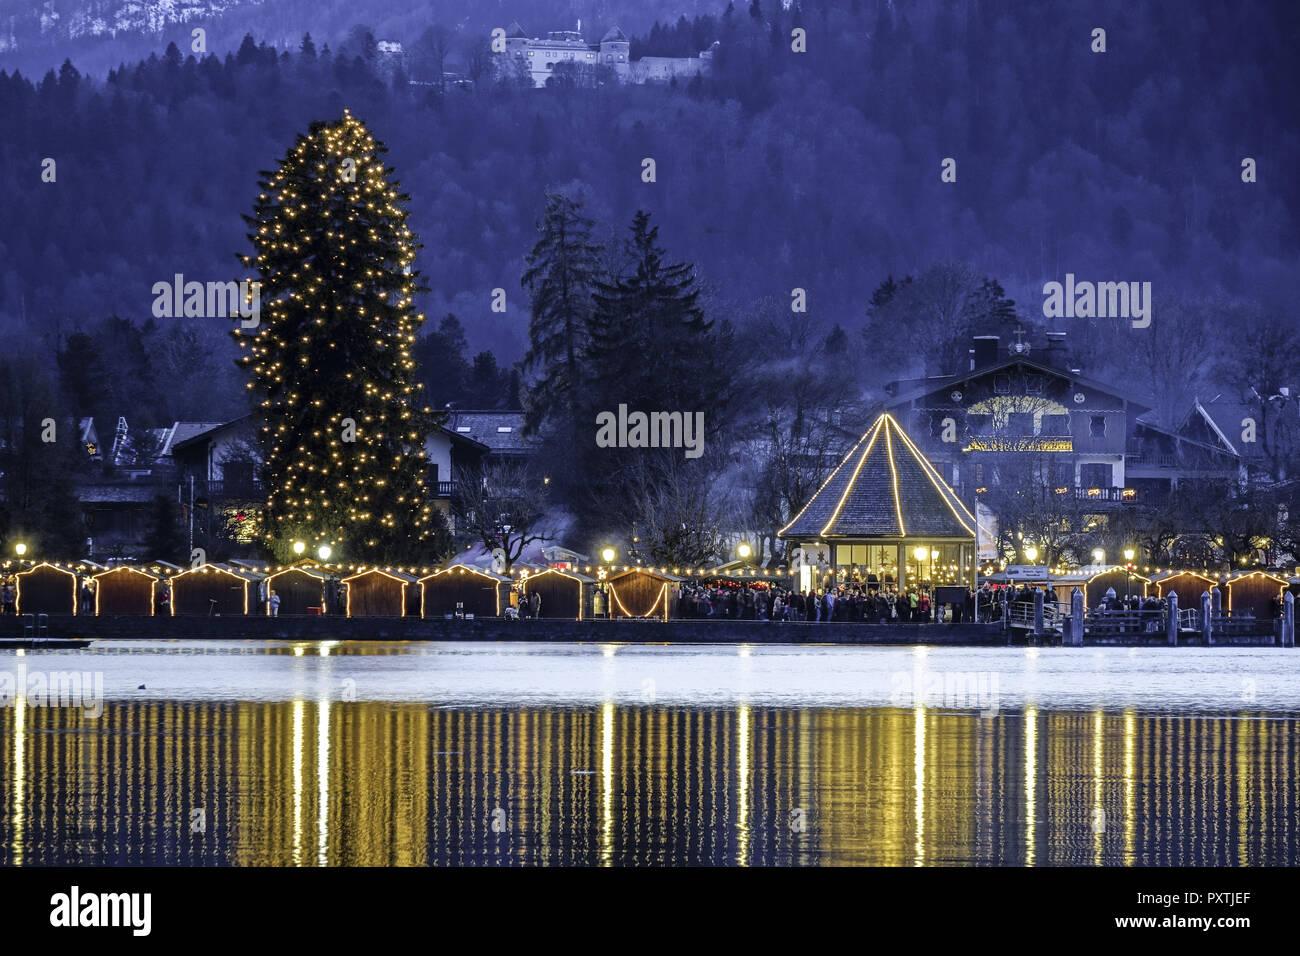 Deutschland Weihnachtsmarkt.Weihnachtsmarkt In Rottach Egern Am Tegernsee Bayern Deutschland